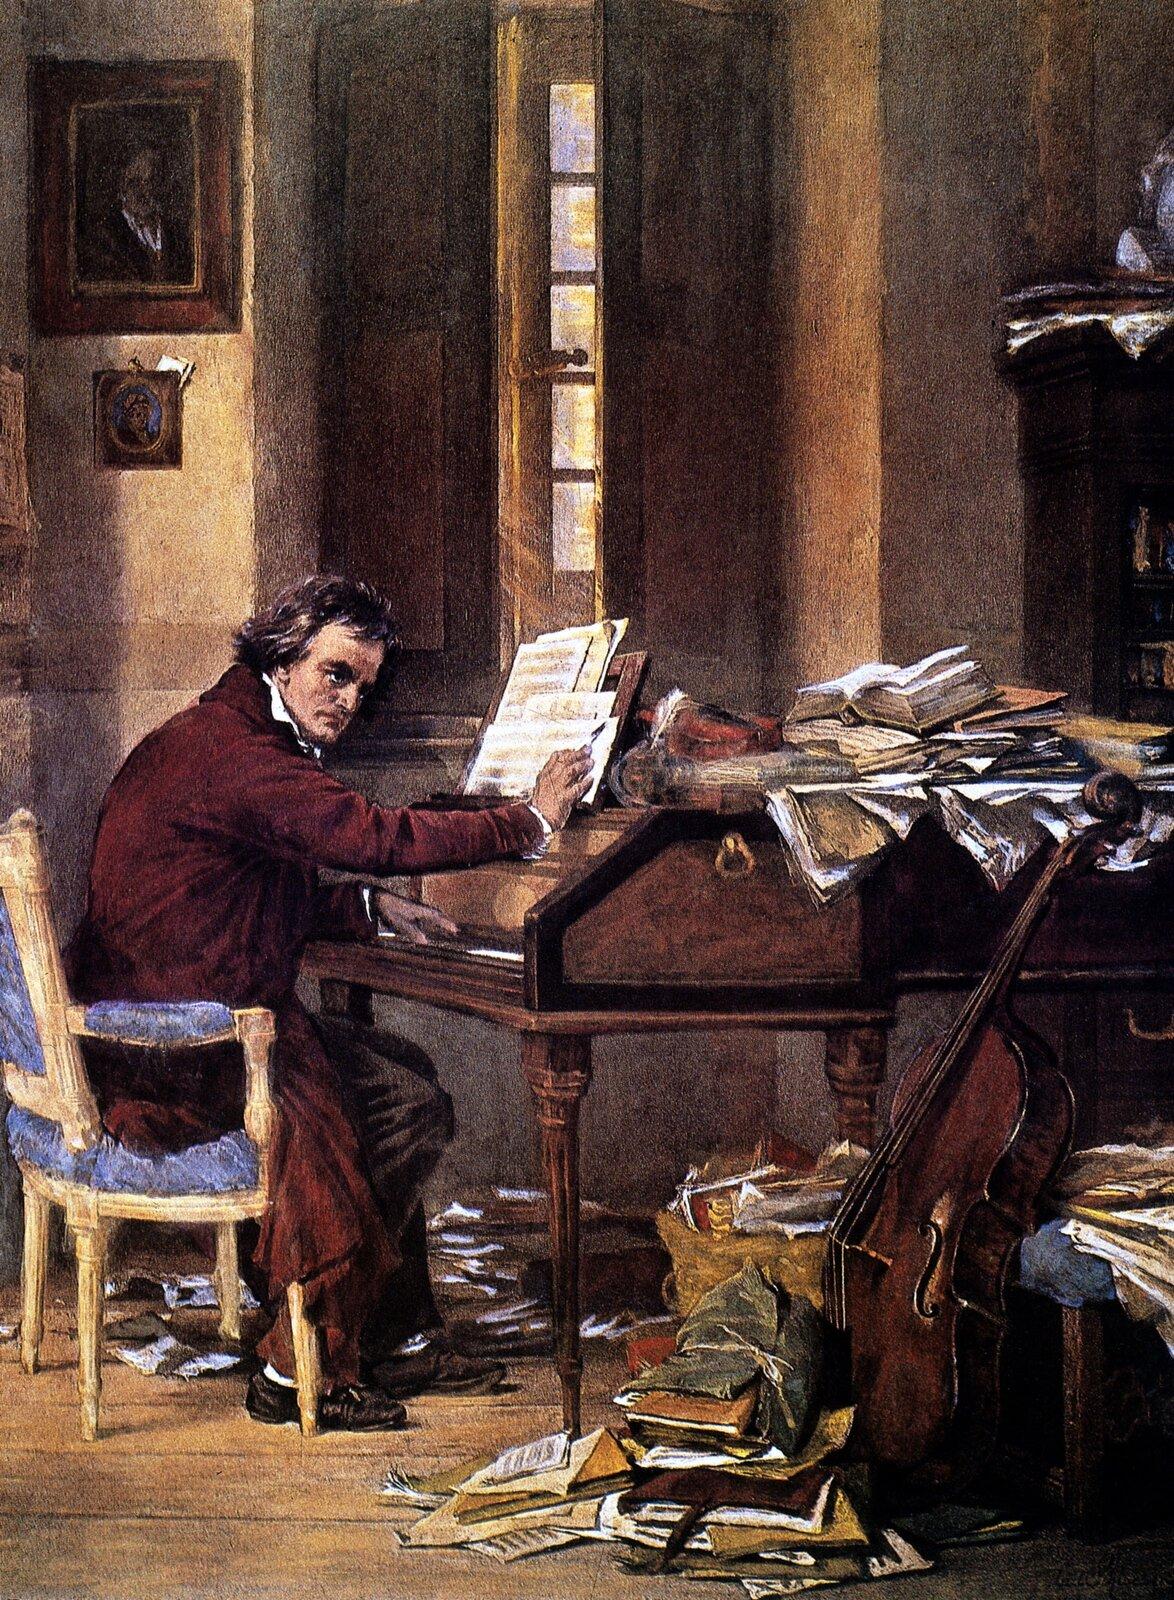 """Ilustracja przedstawia obraz Carla Schloessera """"Ludwig van Beethoven przy pracy"""". Na obrazie kompozytor siedzi przy fortepianie. Jedną rękę trzyma na klawiszach, natomiast wdrugiej trzyma ołówek inotuje na kartkach. Mężczyzna ma skupiony wyraz twarzy siedzi wbordowych szatach. Wokół fortepianu leży dużo krzywo porozkładanych książek."""